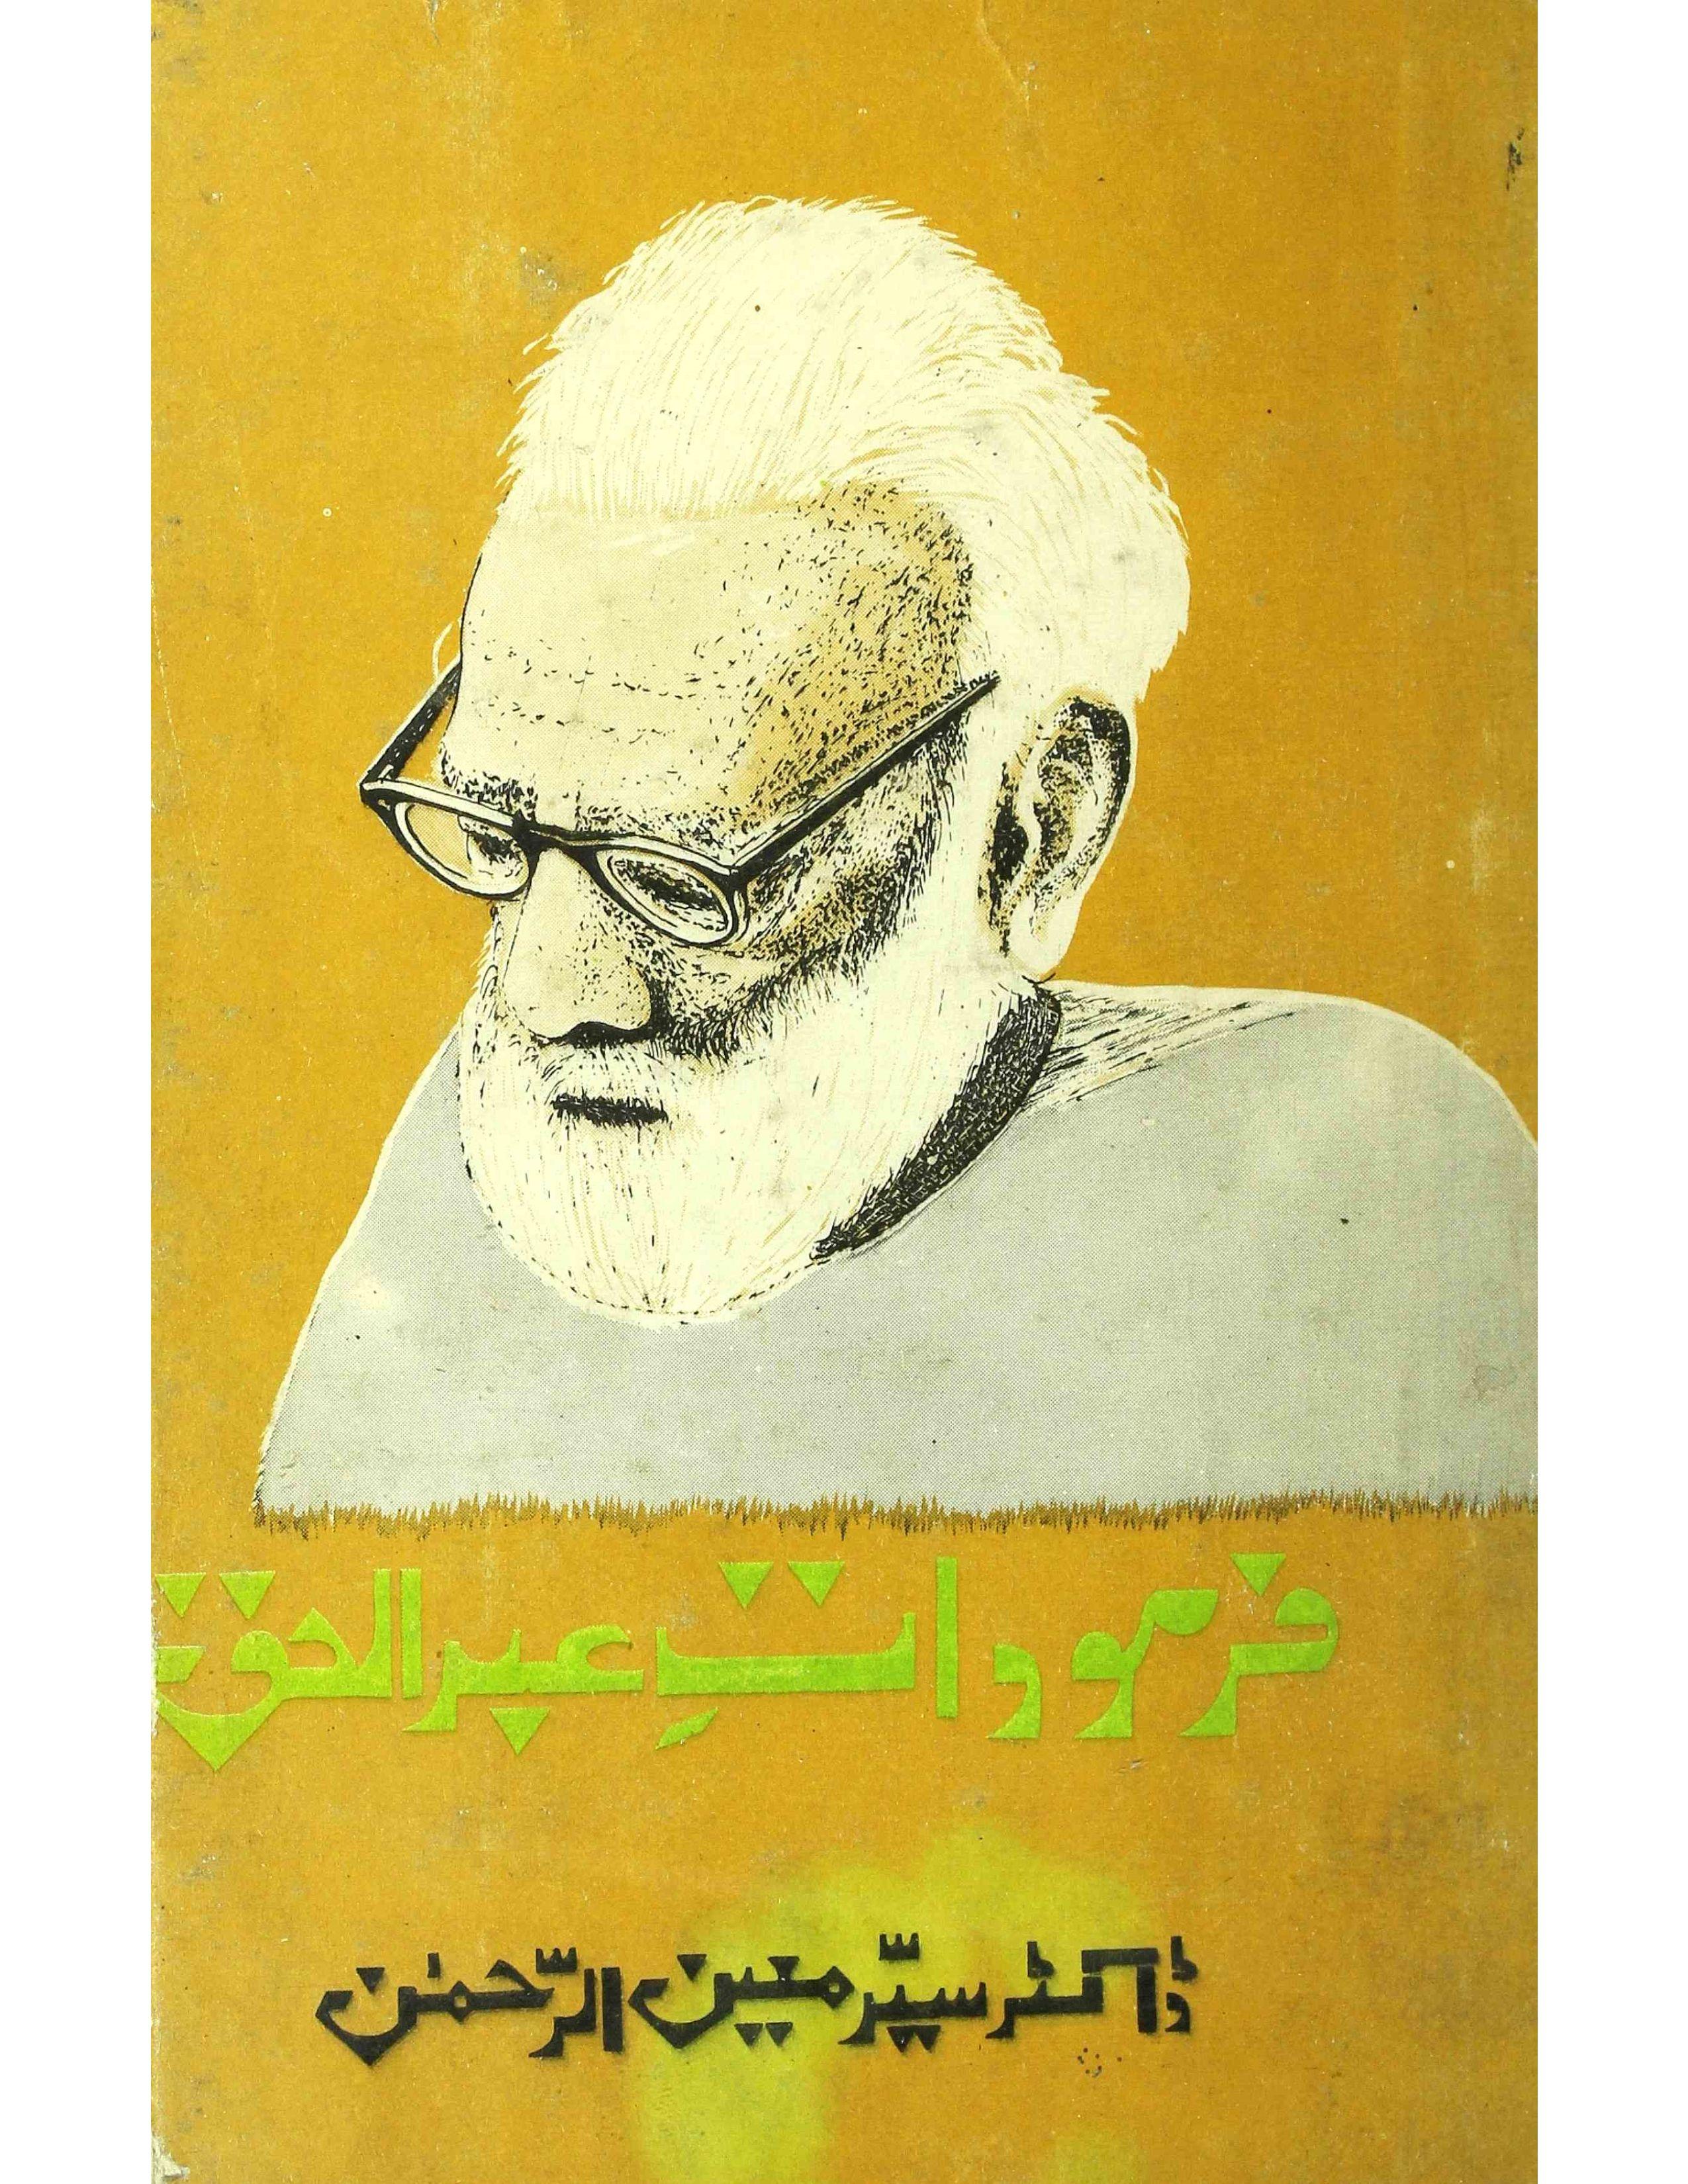 Farmudat-e-Abdul Haq